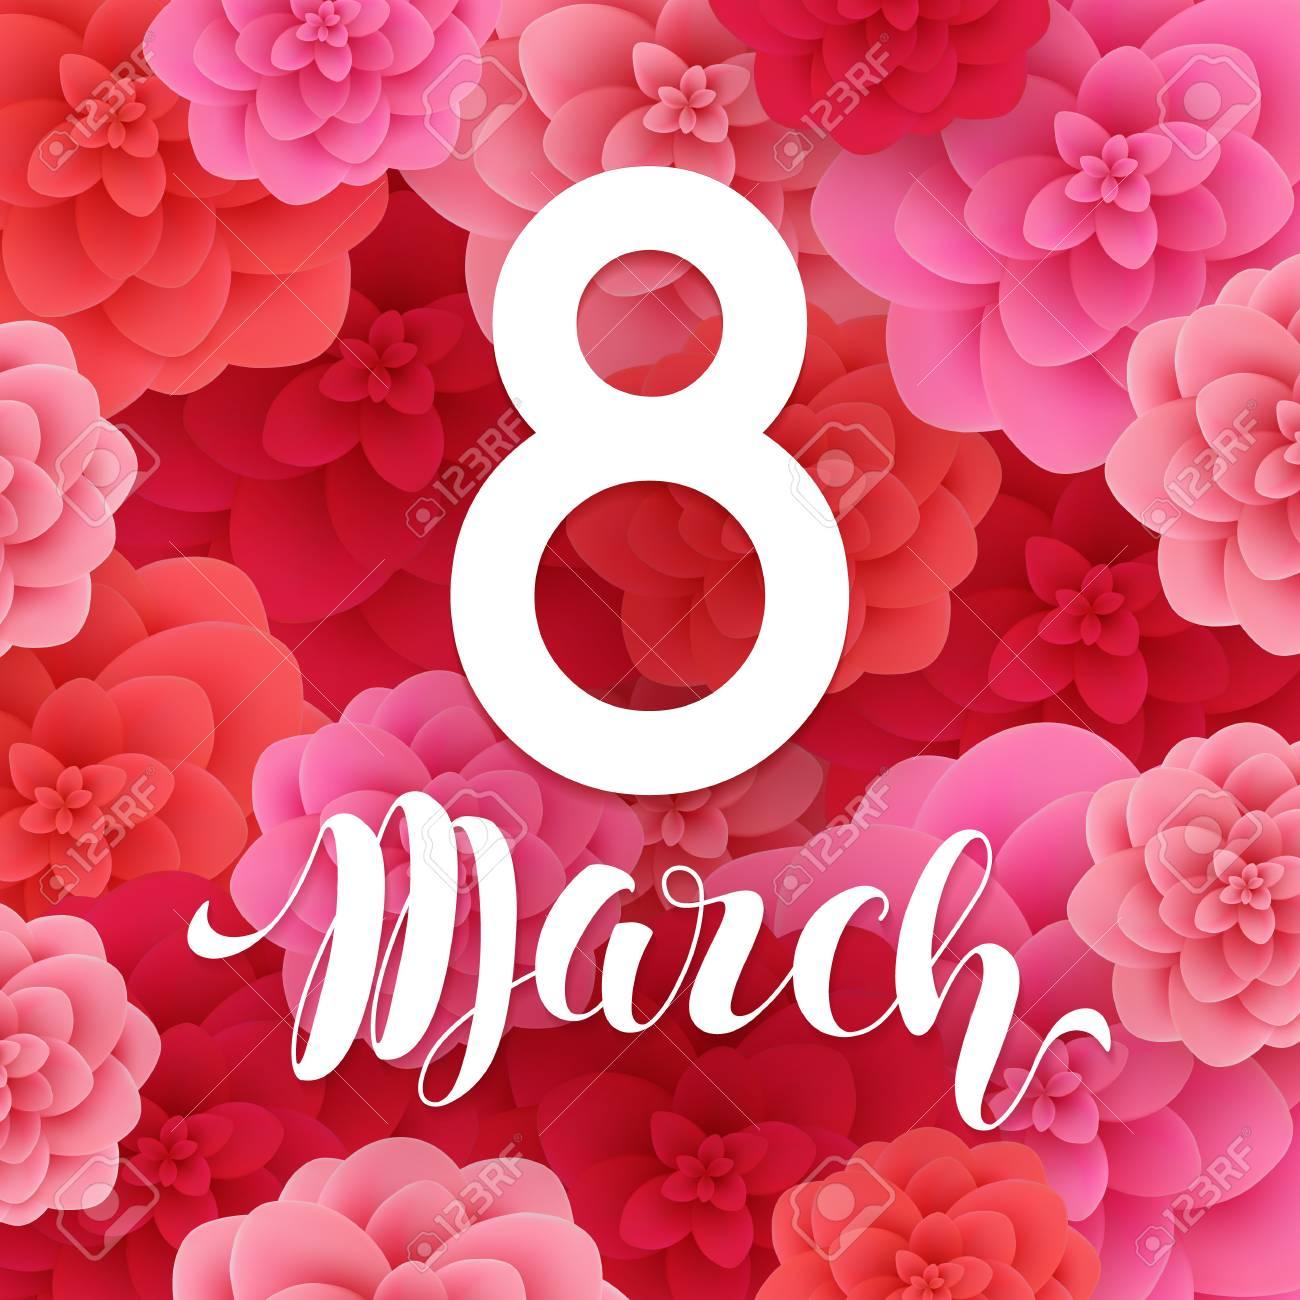 Carte Bonne Fete De La Femme.8 Mars Bonne Fete Des Meres Joyeuse Journee De La Femme Papier Rose Coupe Carte De Voeux Florale Modele De Conception Dernier Cri Fond De